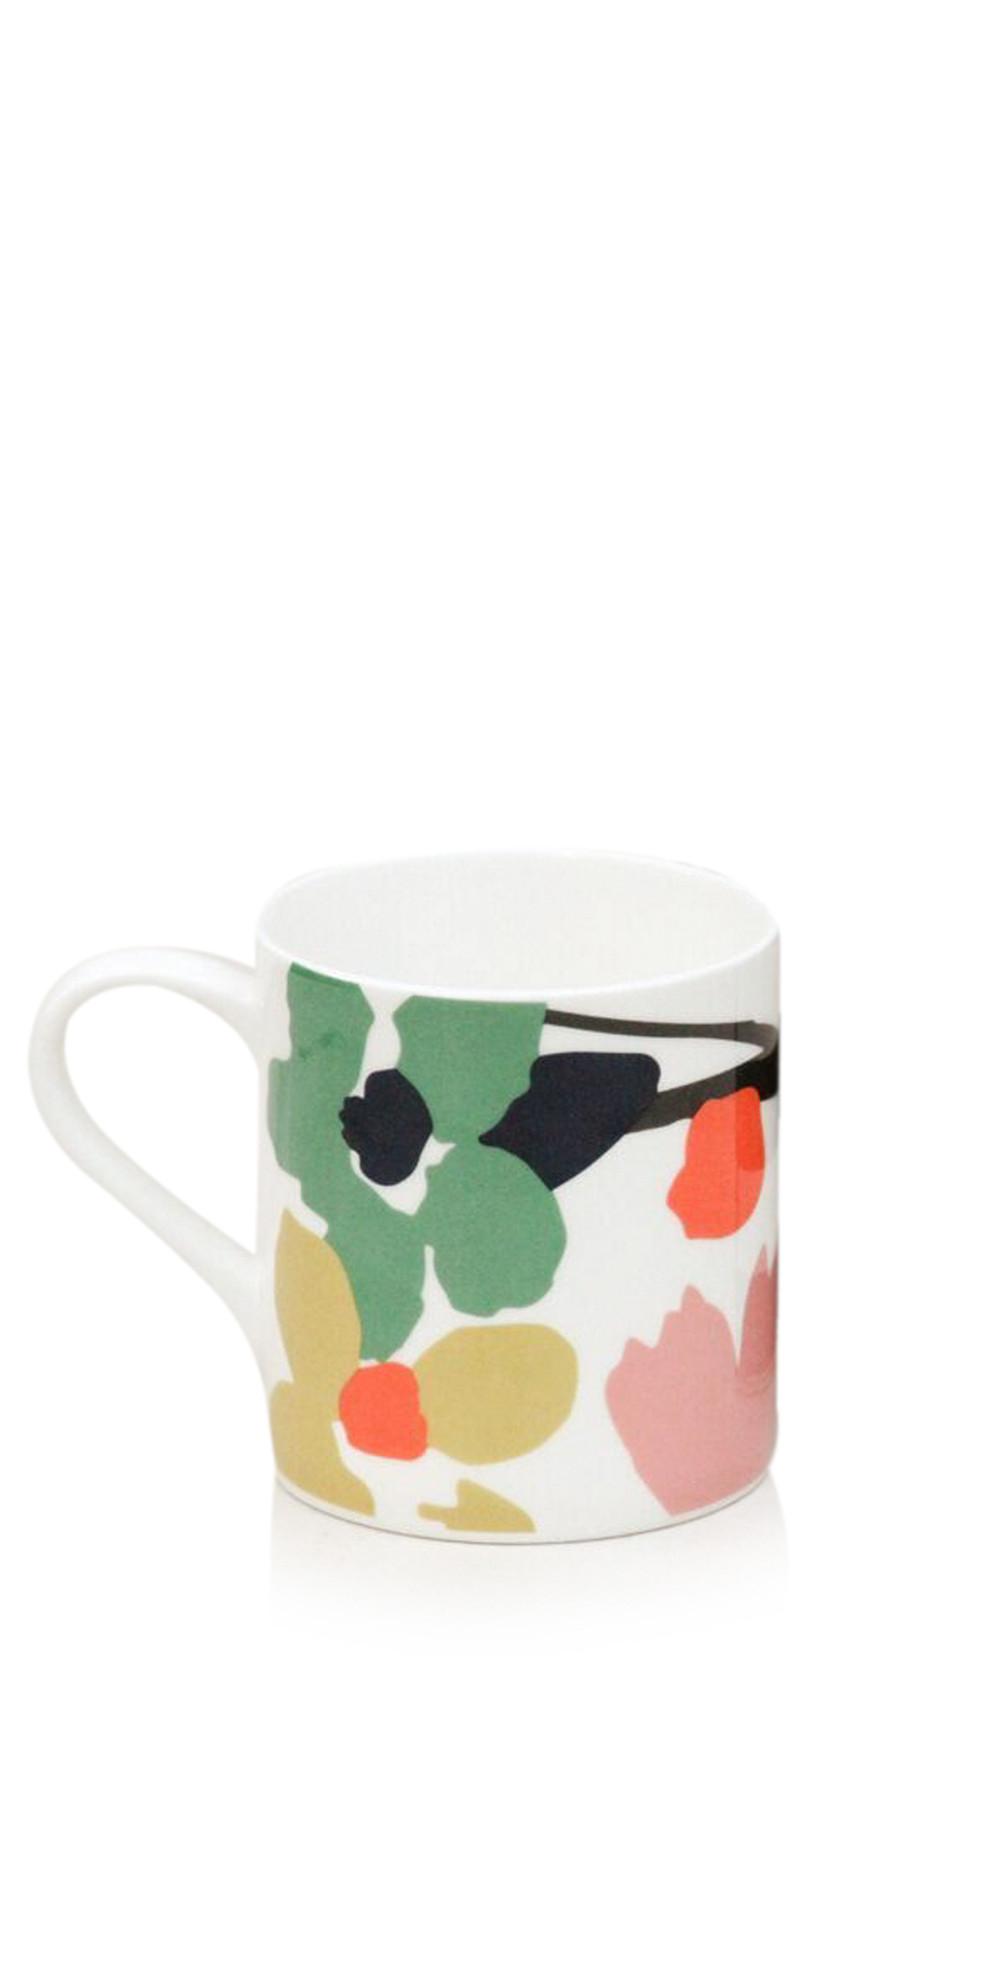 Abstract Floral Boxed Mug main image